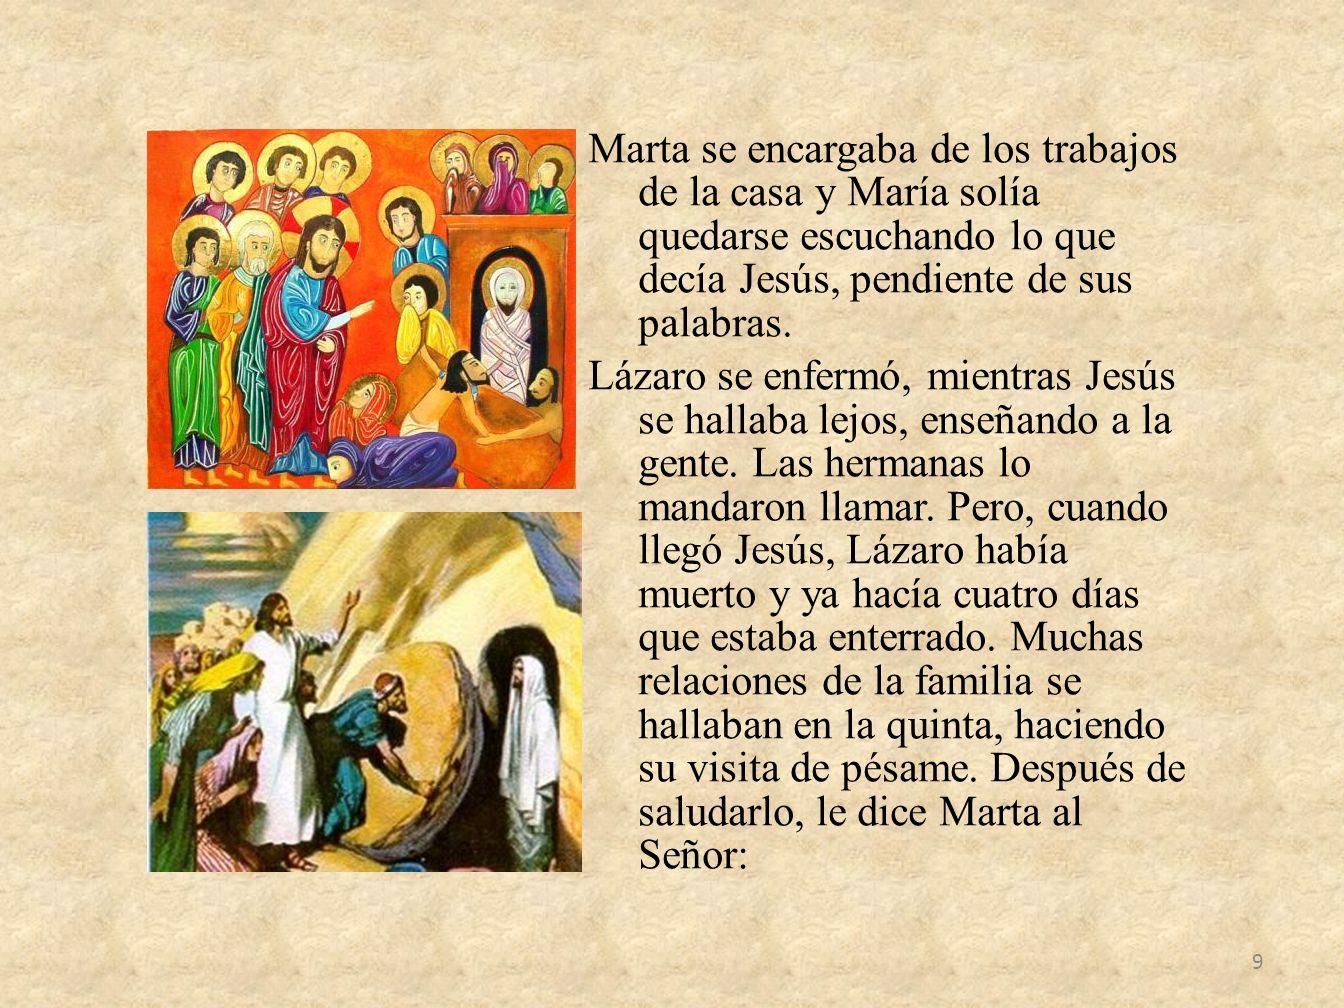 - La gracia sacramental es la gracia del Espíritu Santo, dada por Cristo y propia de cada sacramento.